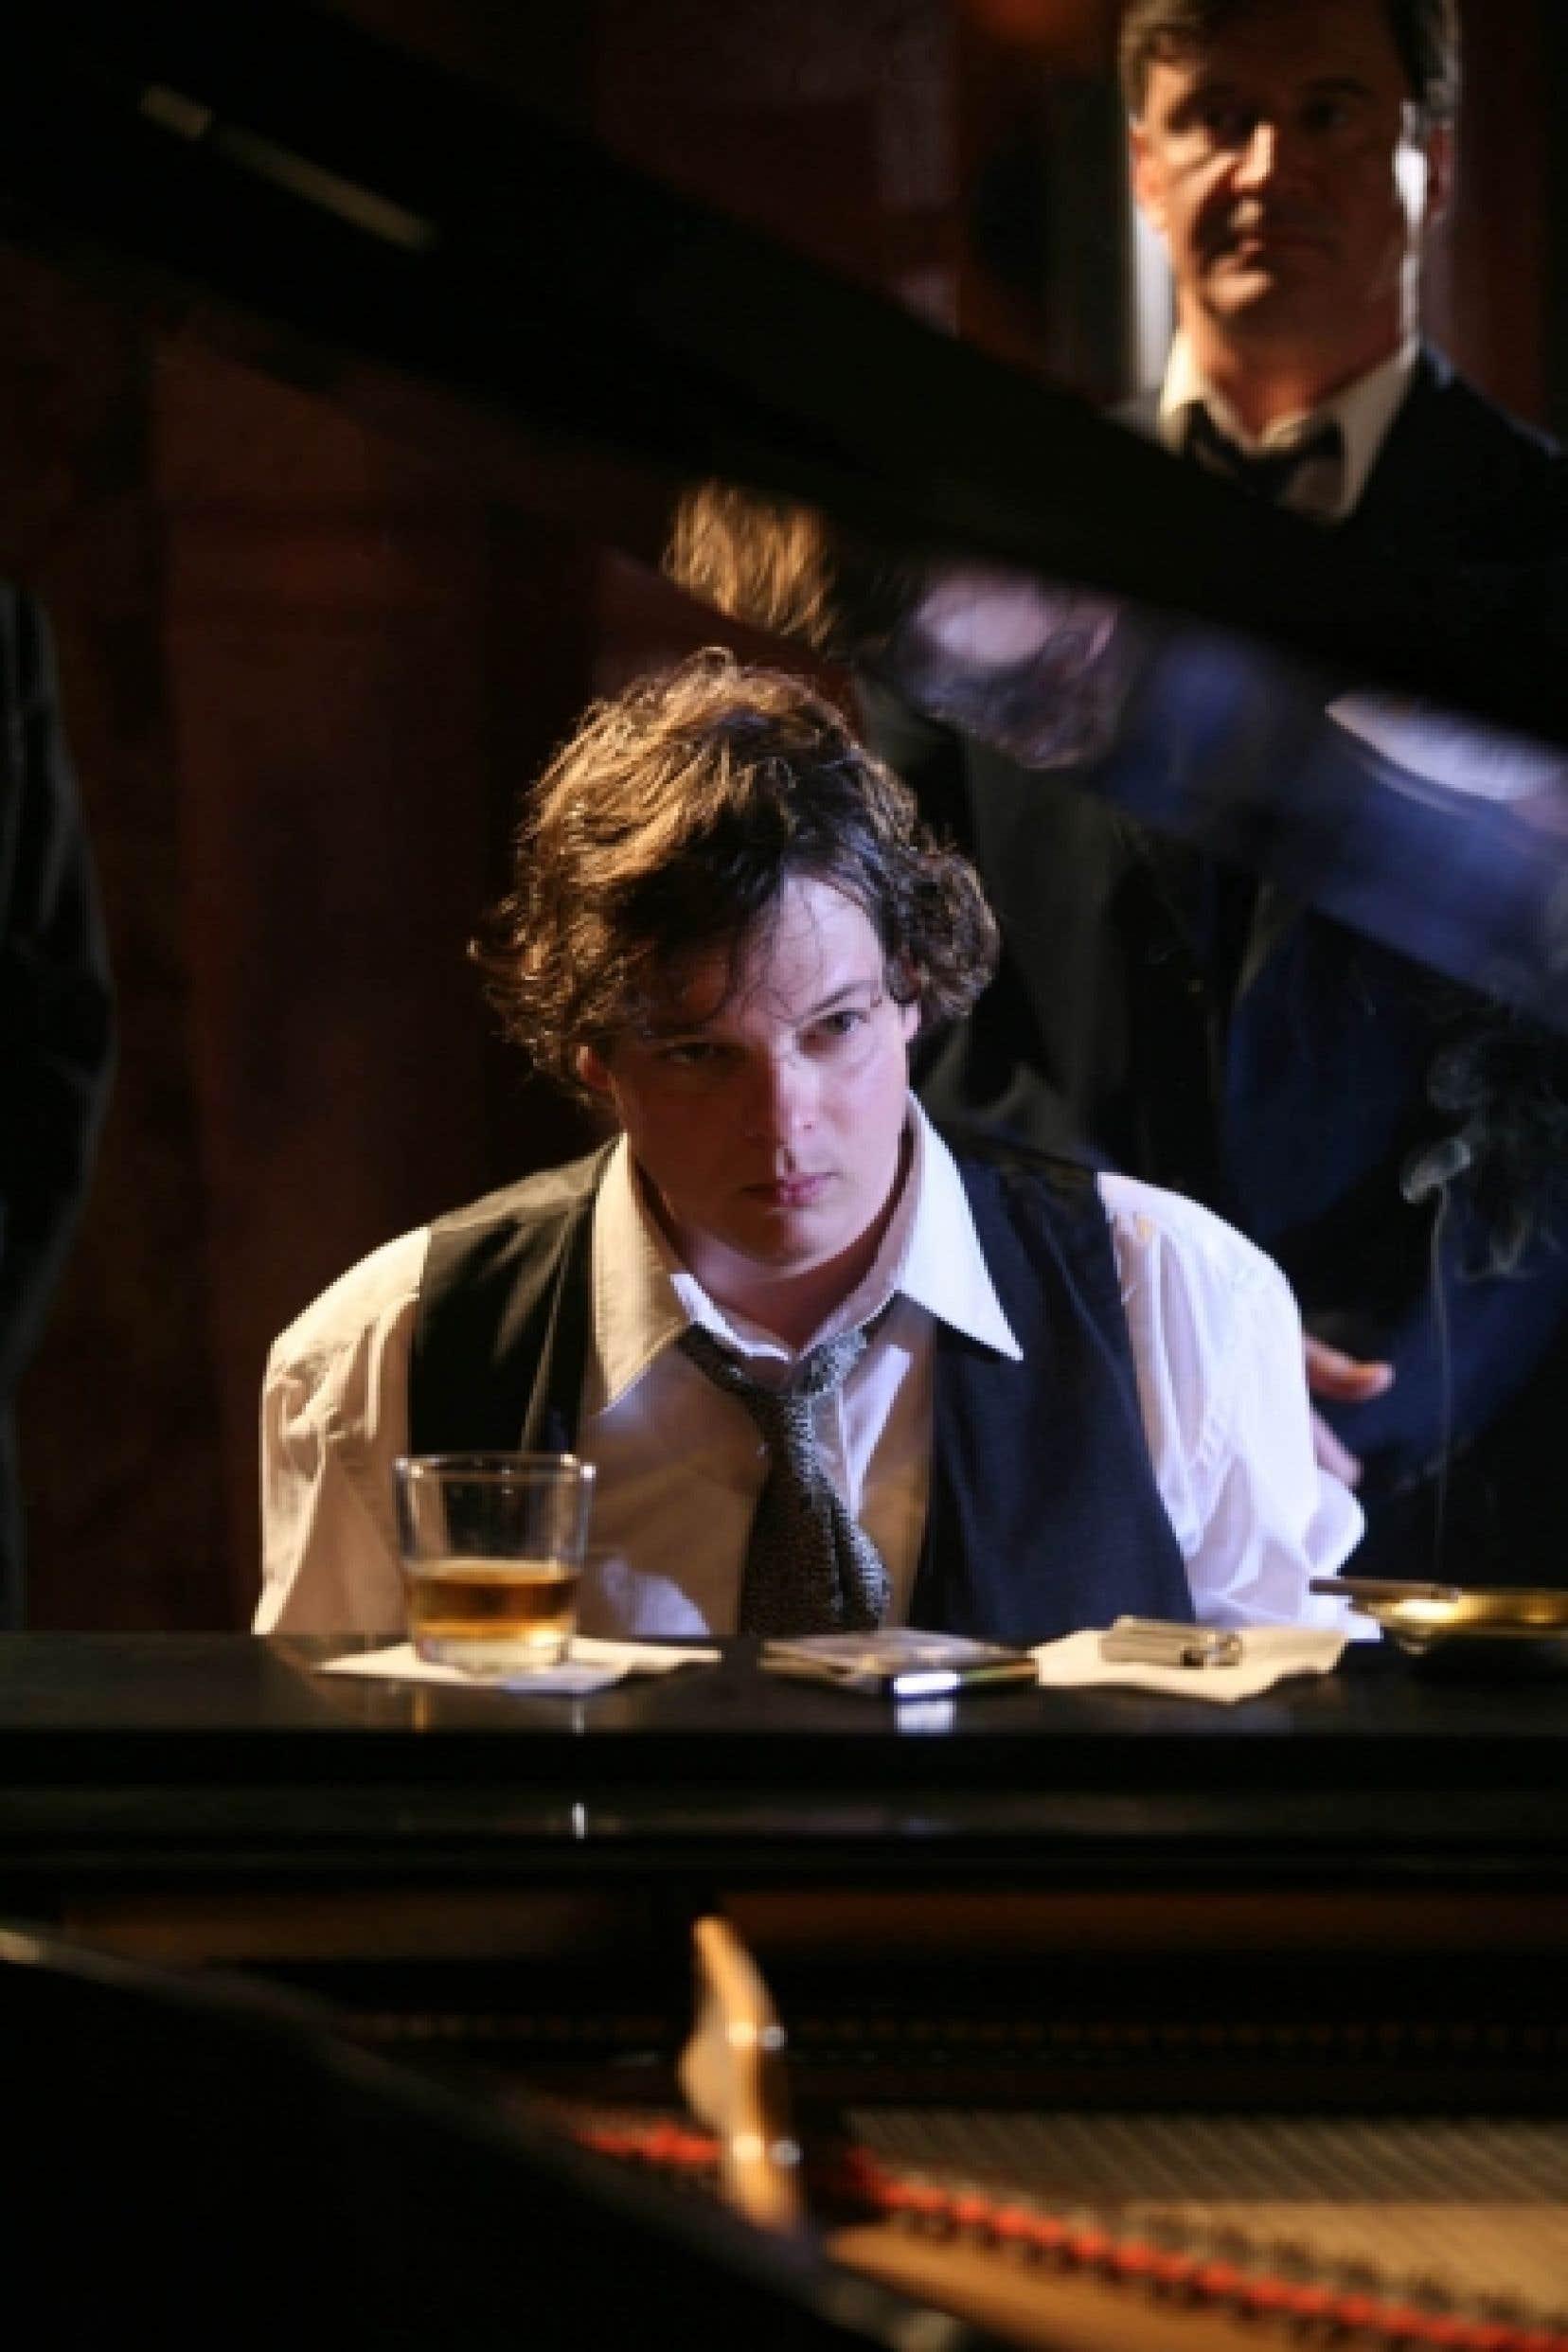 Patrick Drolet dans une scène du film réalisé par Luc Dionne, L'Enfant prodige, qui prenait l'affiche hier.